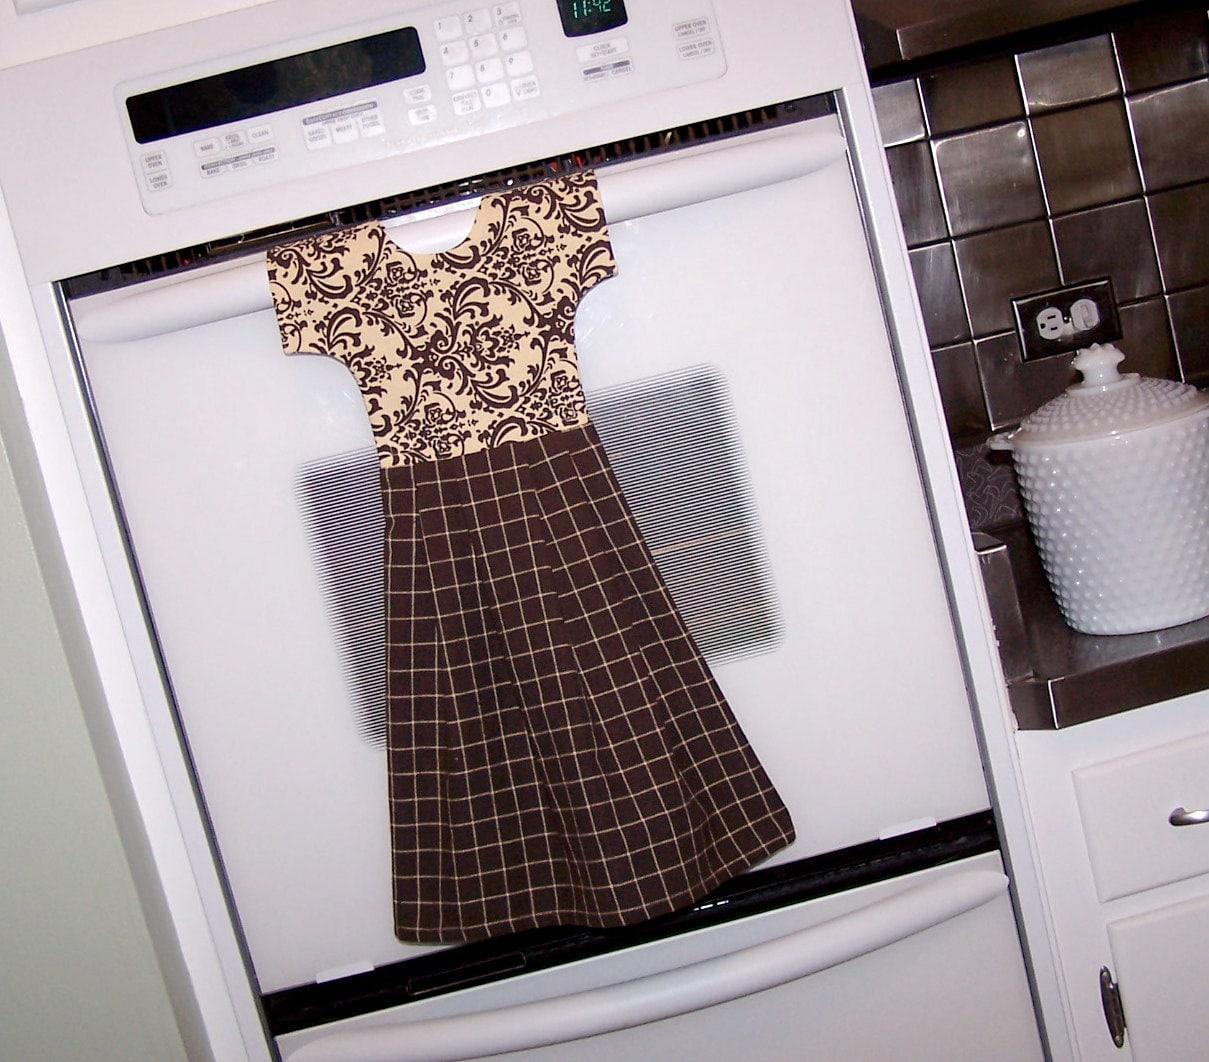 Kitchen Towel Hanging Kitchen Towel Hanging Oven Door Dress In Brown And Beige